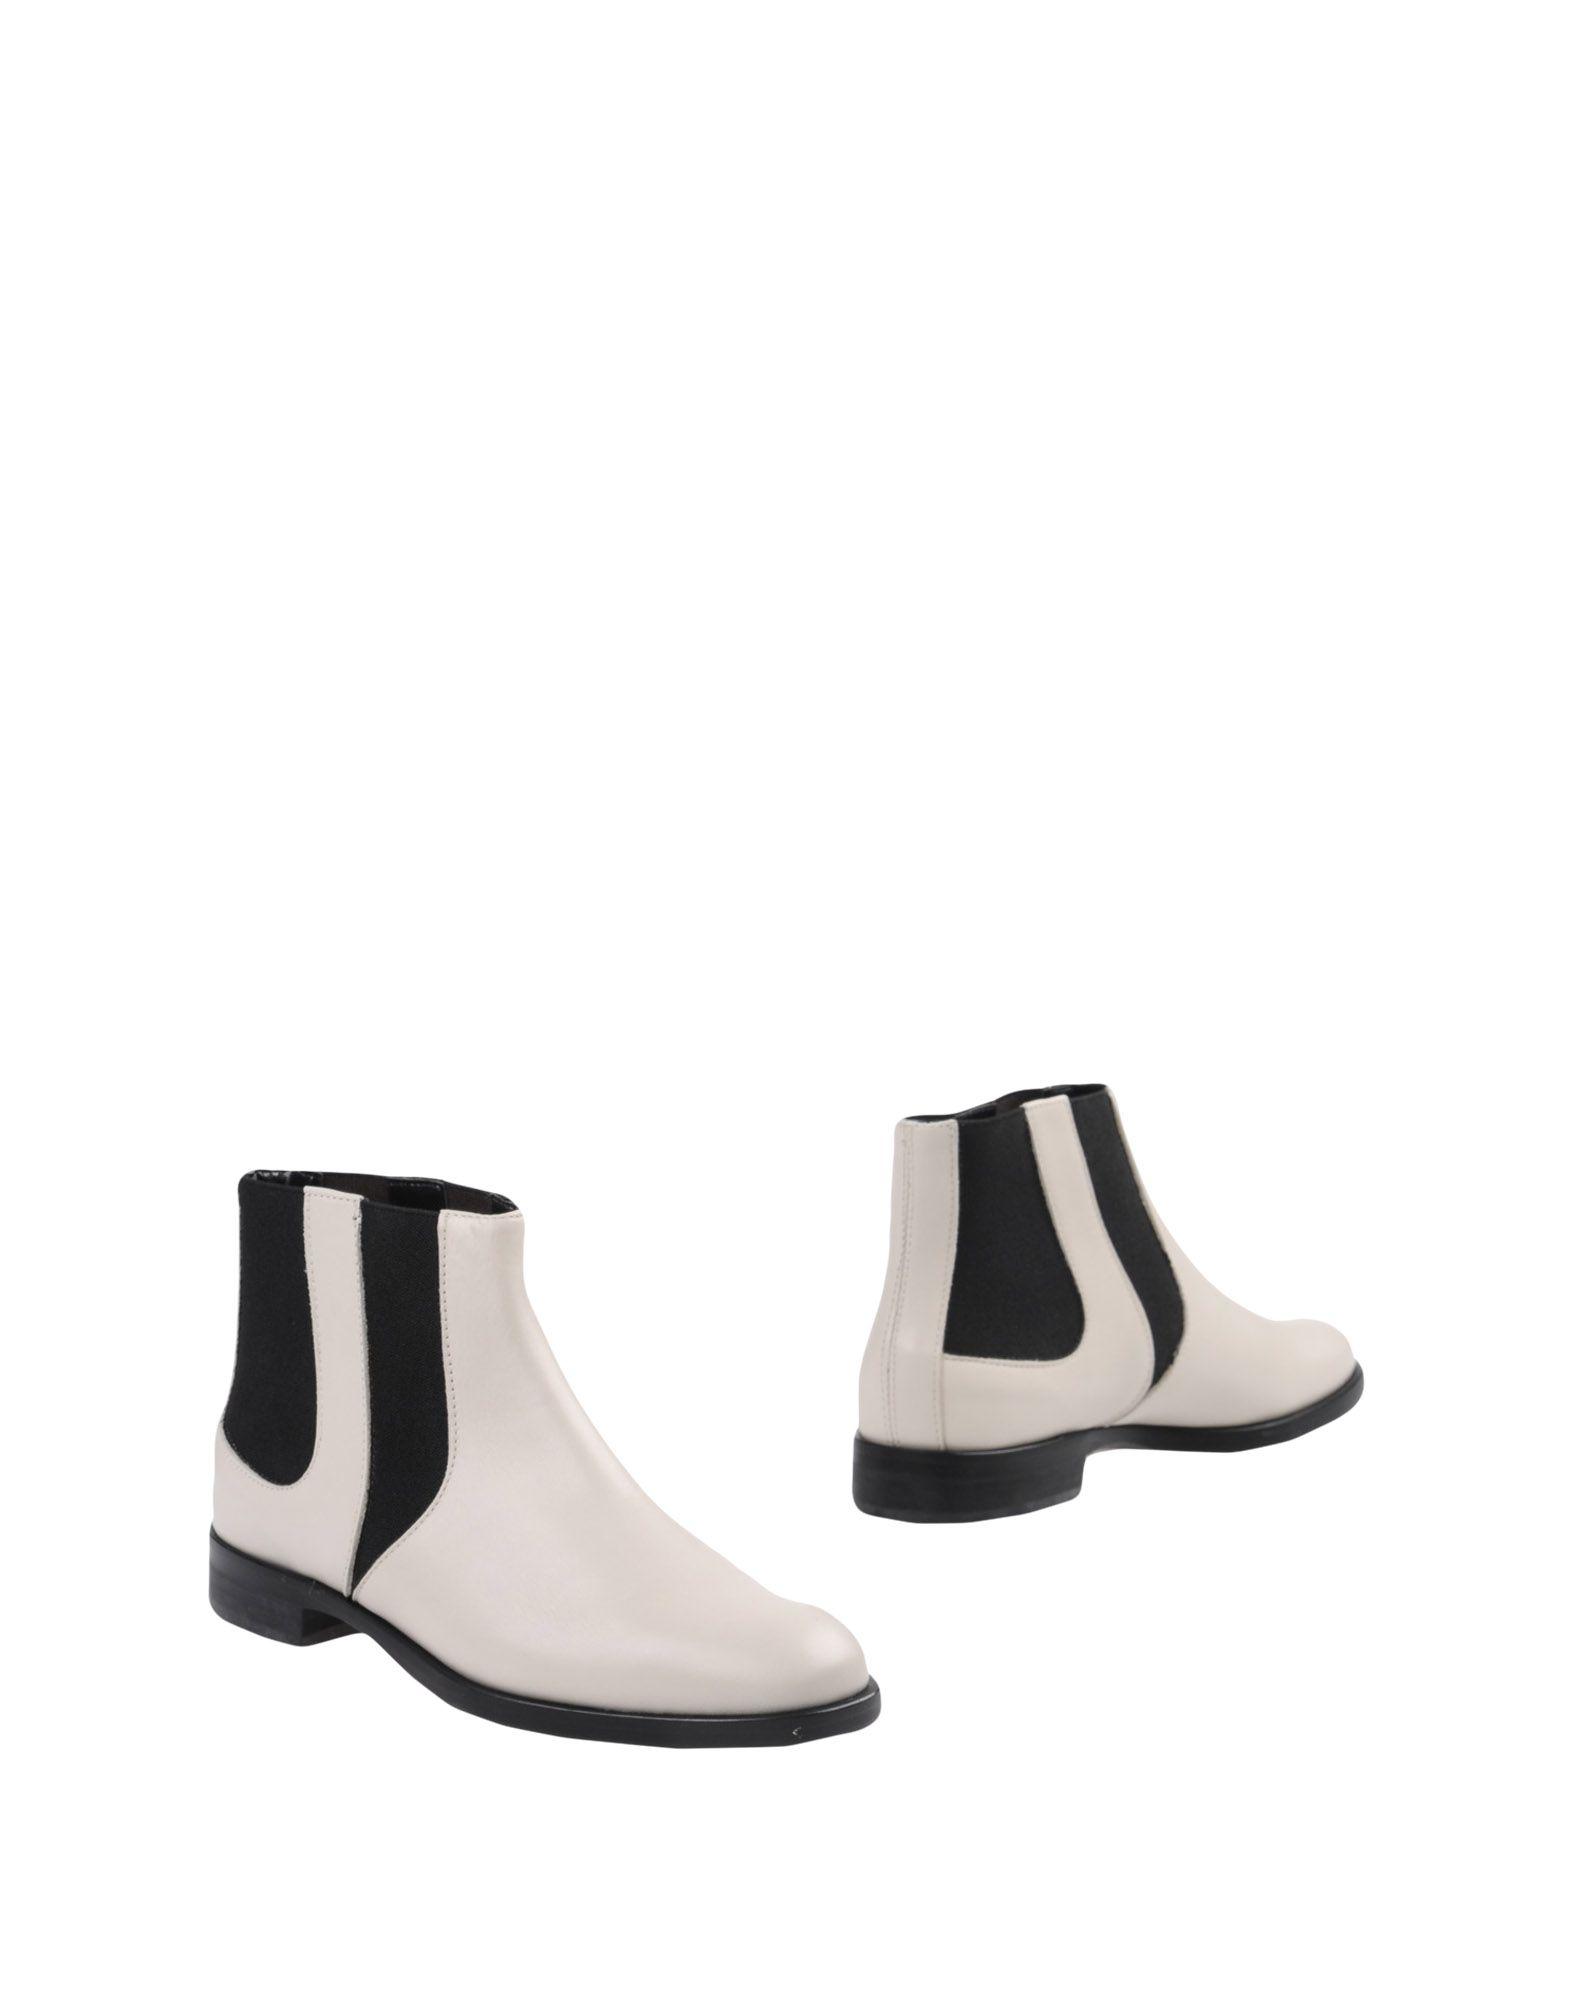 Chelsea Boots Pollini Studio Pollini Boots Donna - 11339221RP 24b4f2